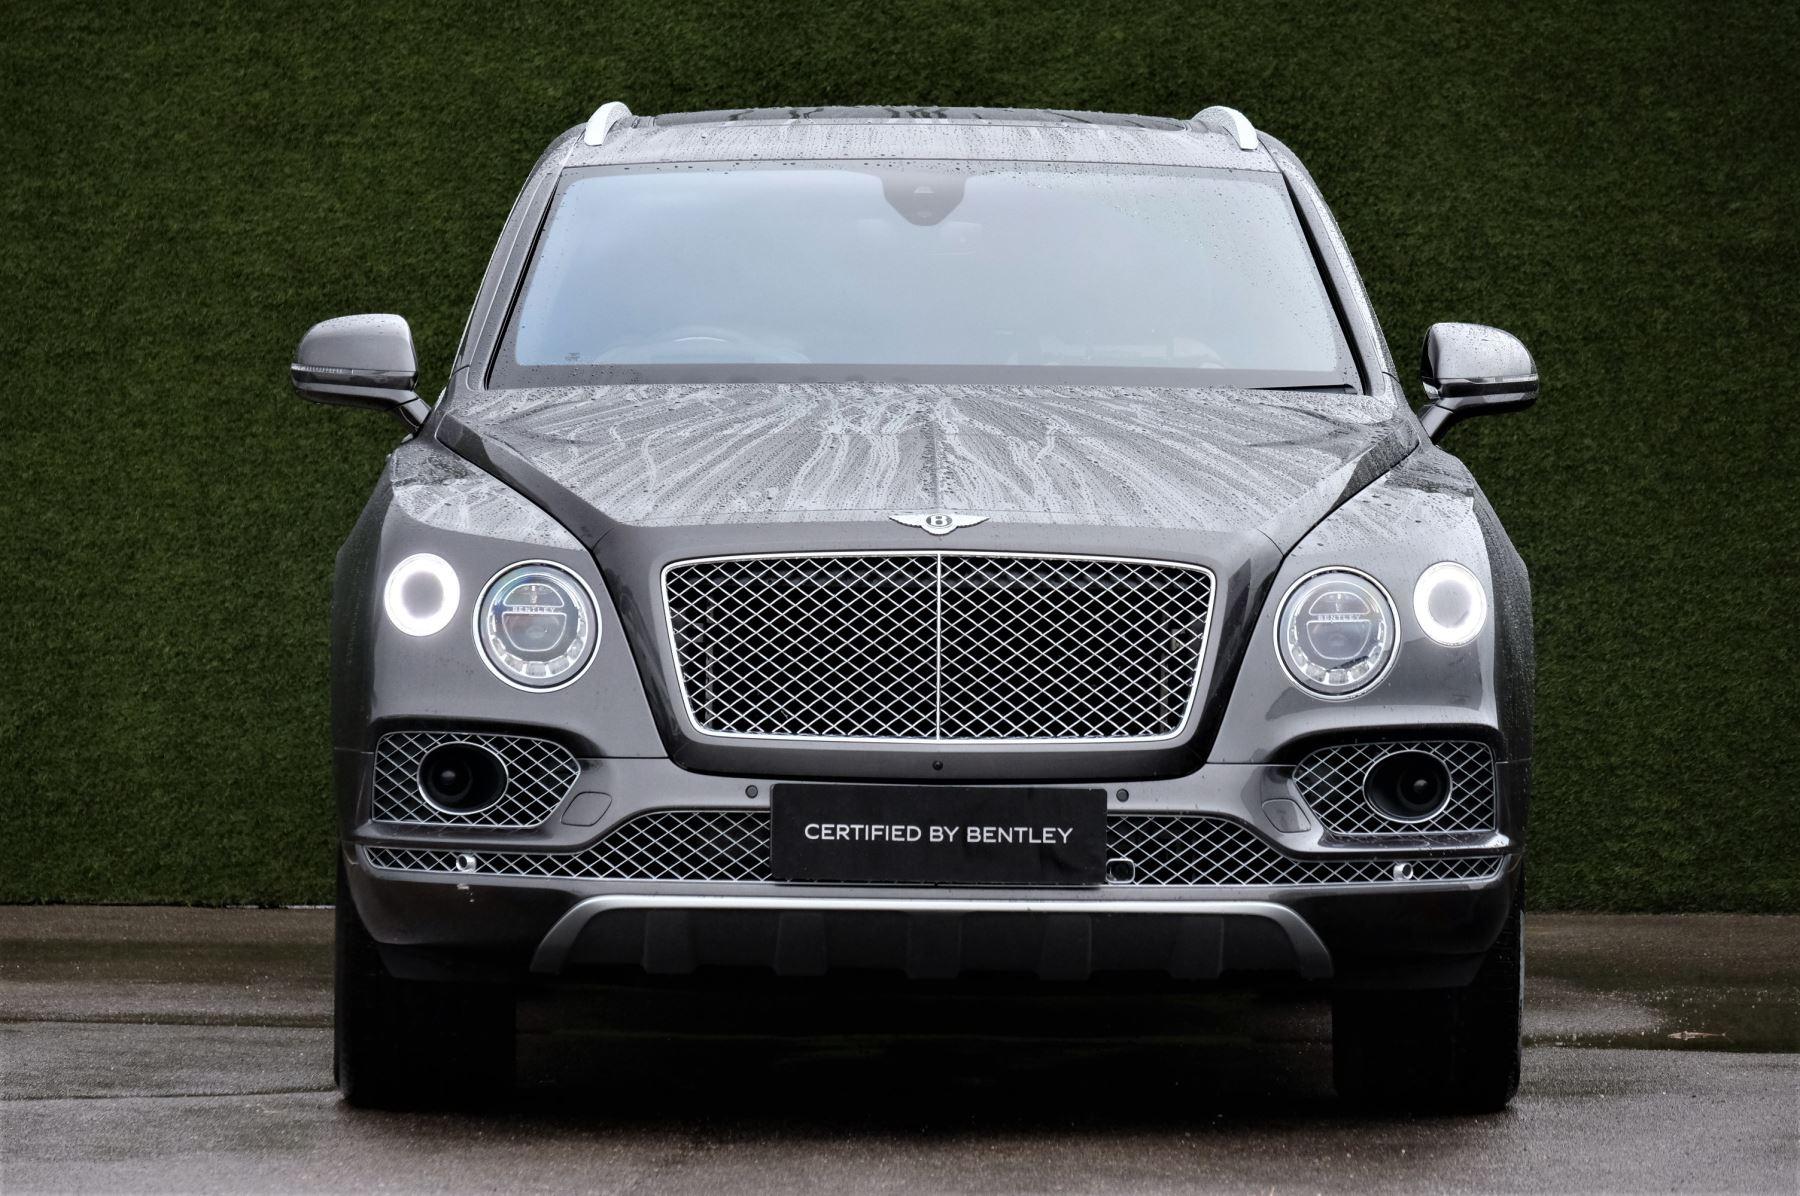 Bentley Bentayga 4.0 V8 5dr - Mulliner Driving Specification image 2